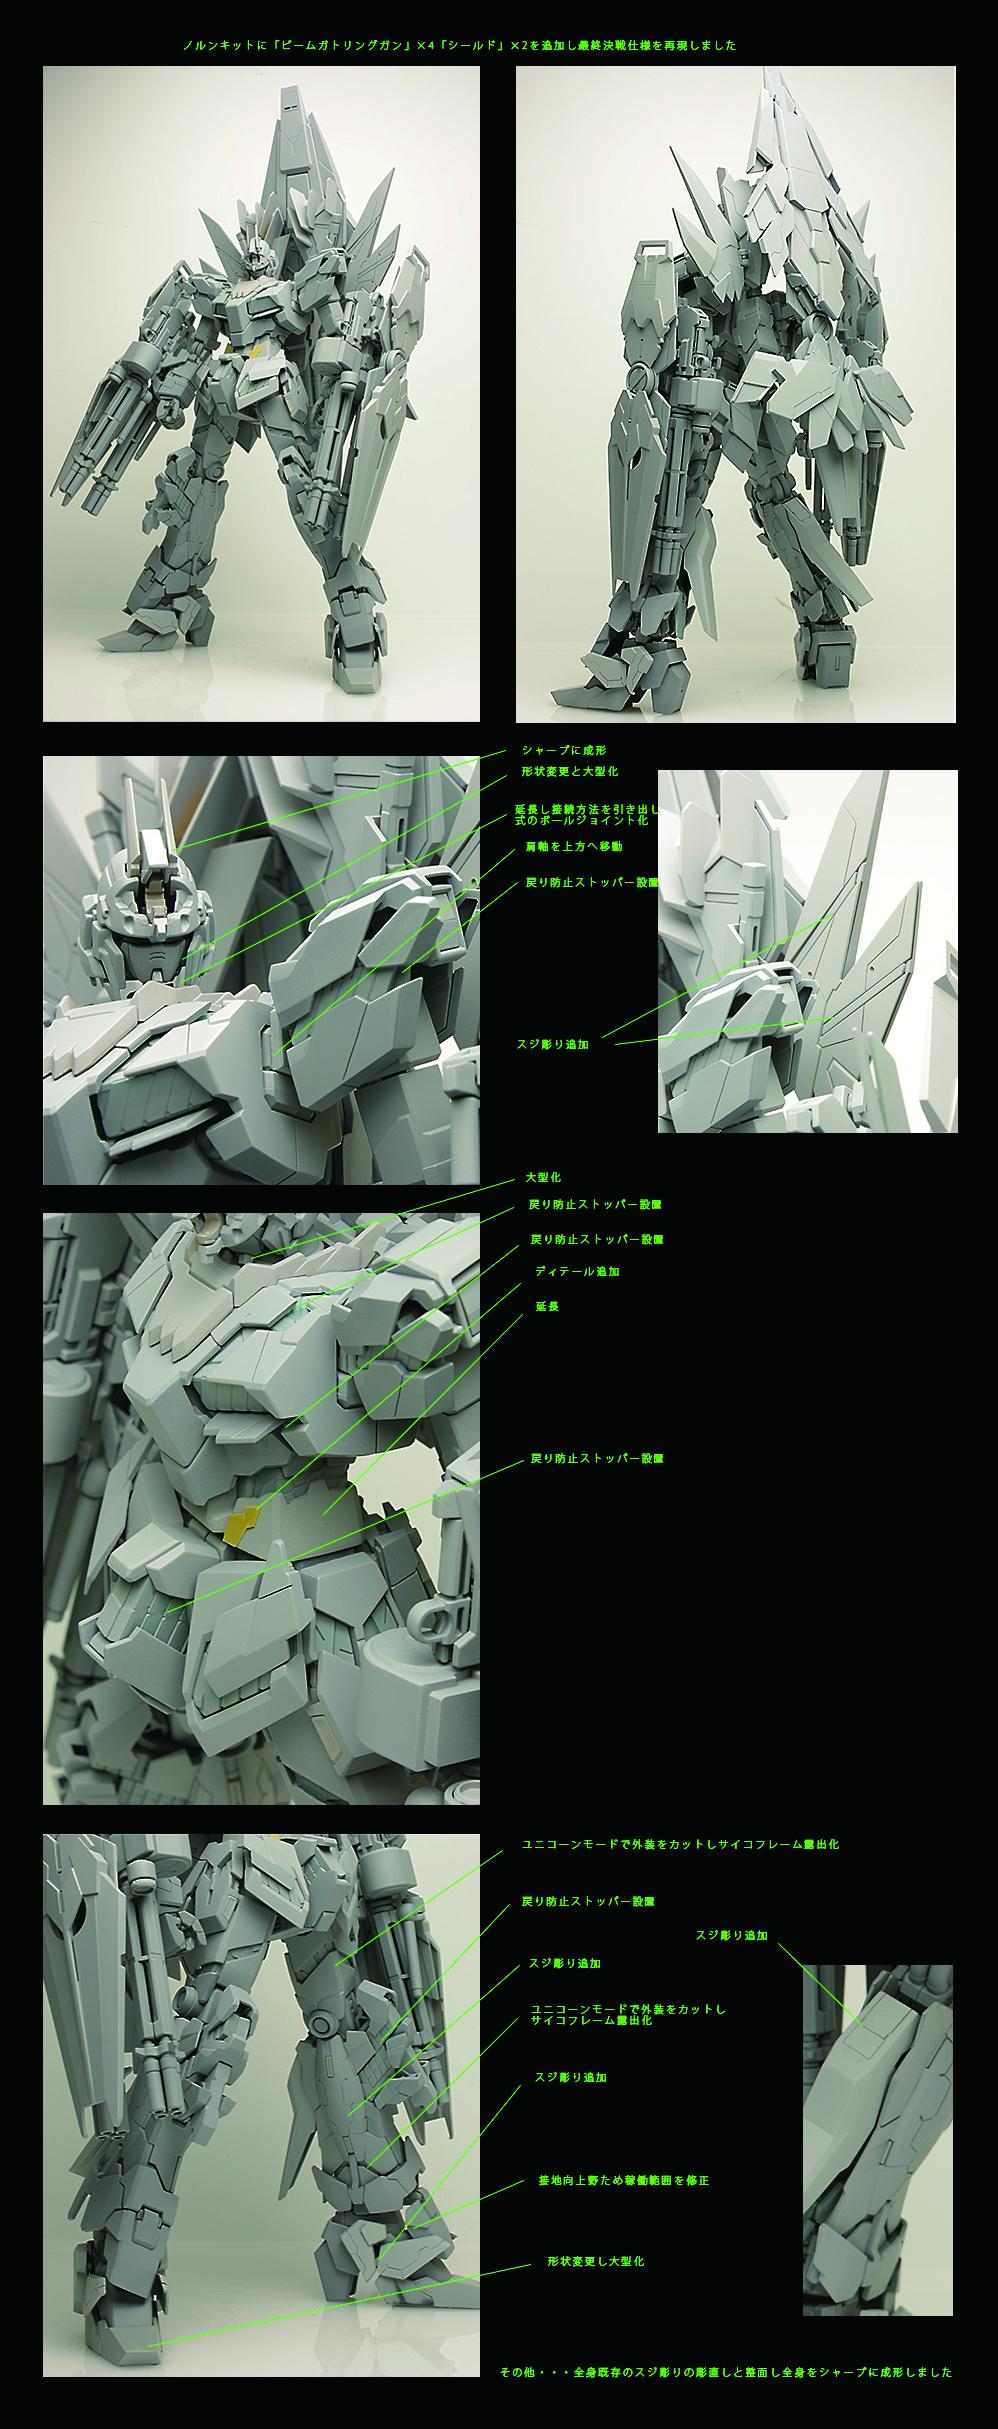 MG 1/100 Unicorn Gundam 02 Banshee Norn: Latest Improved Work by mosaho. Full Photoreview Hi Res Images